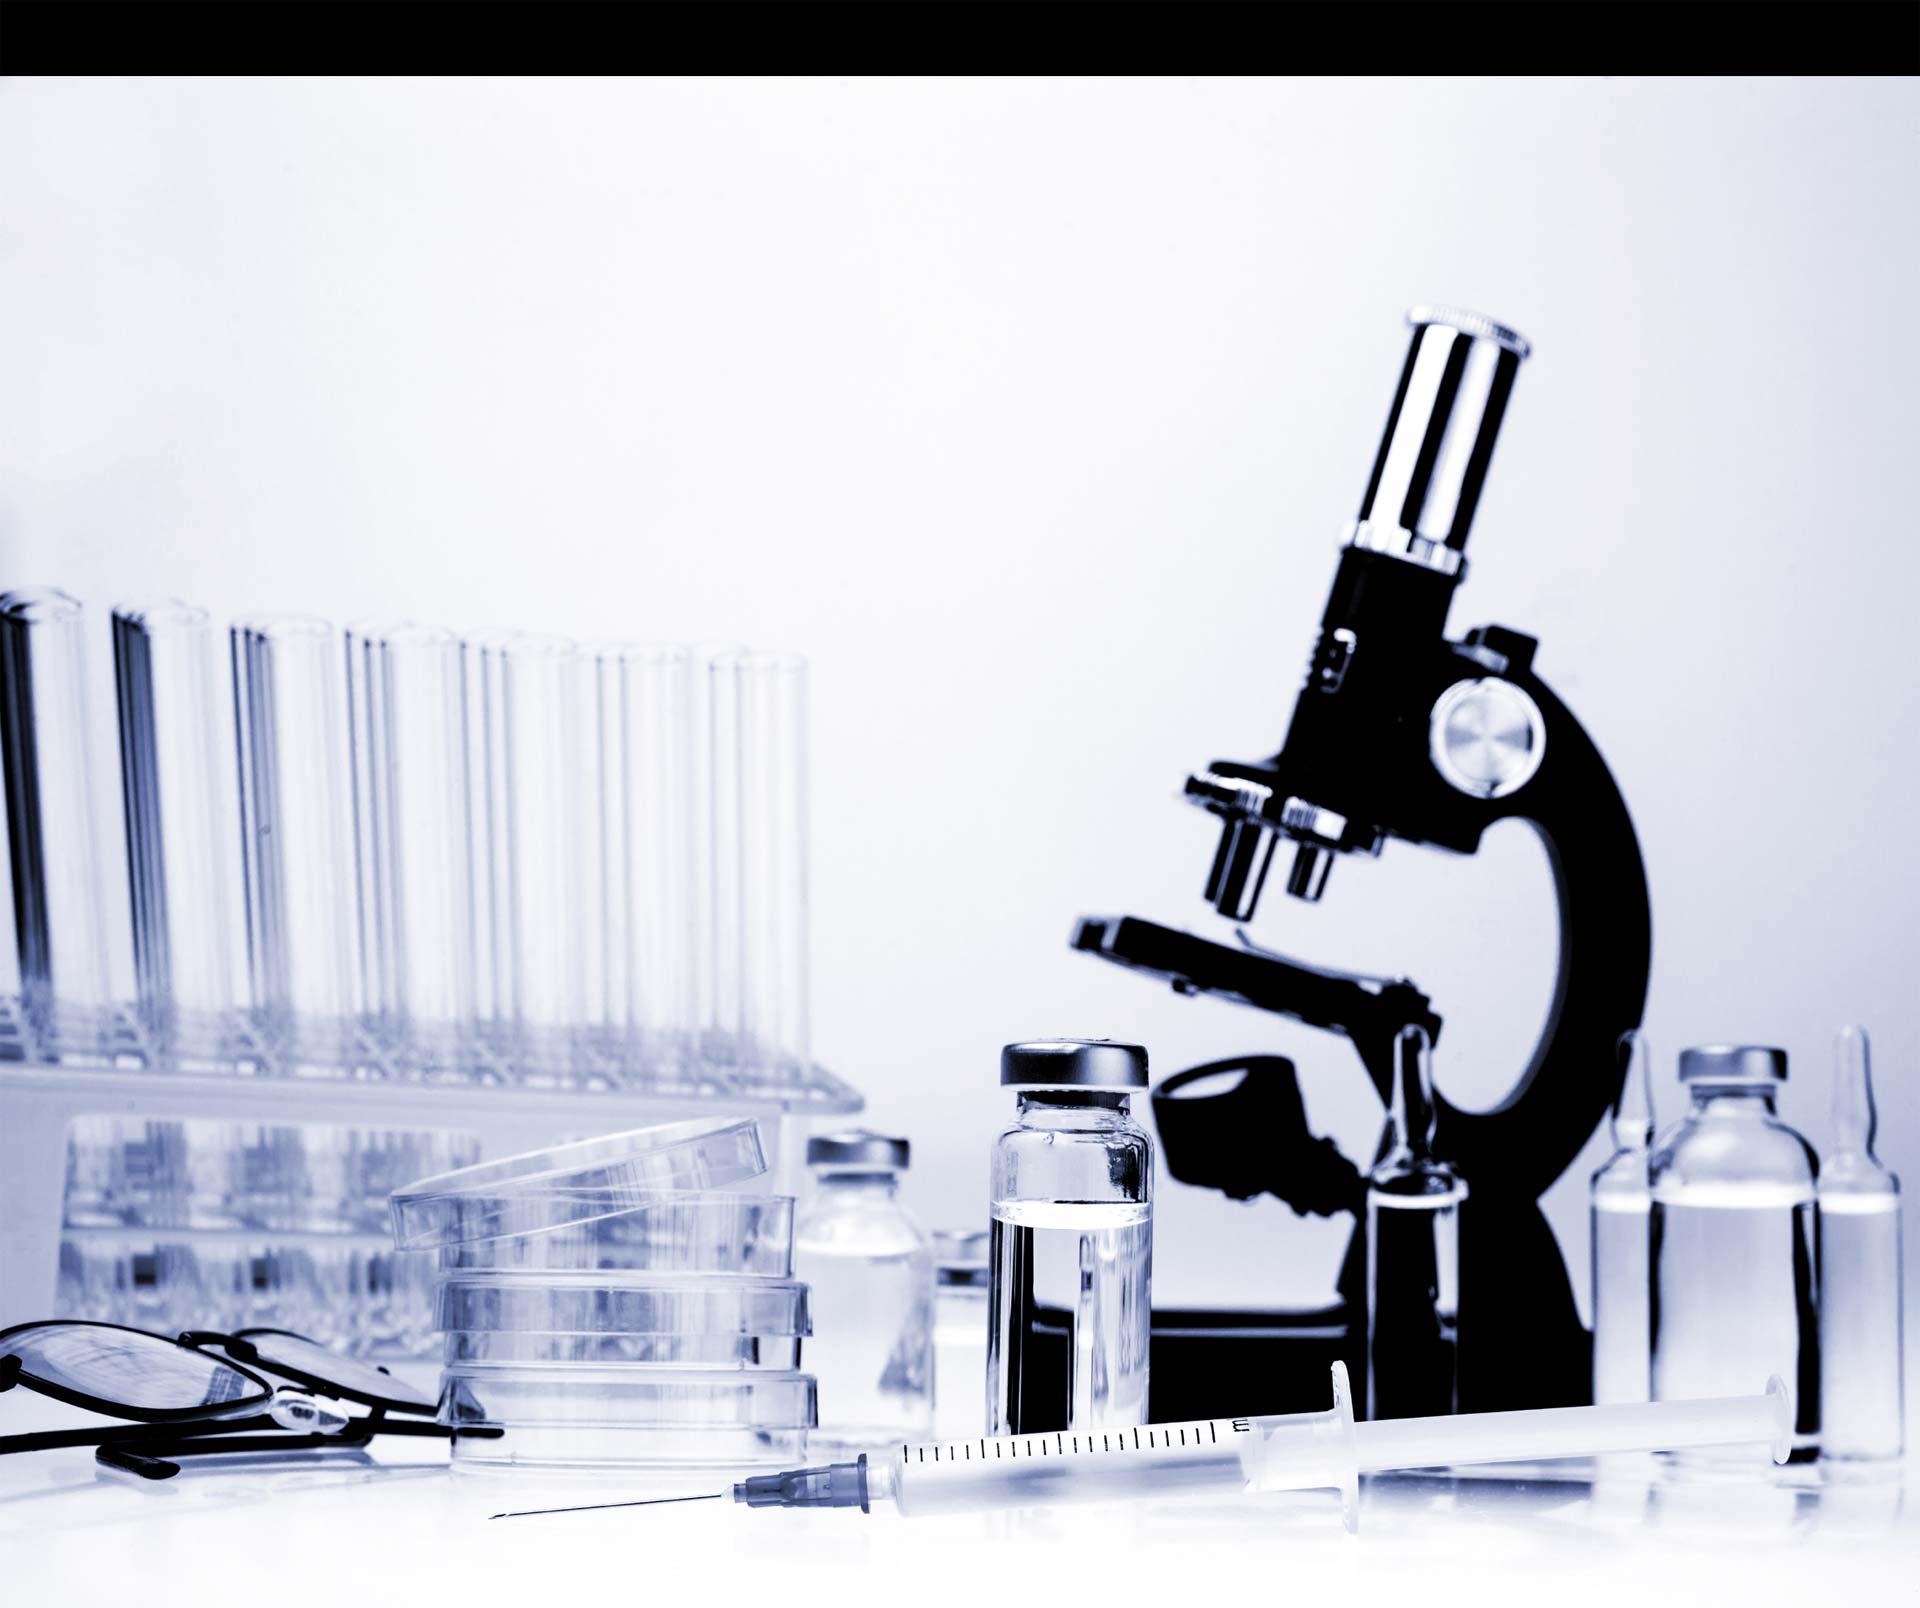 Varios fármacos, reformulados con nanotecnología, condensados en una vacuna intramuscular podría ser el futuro